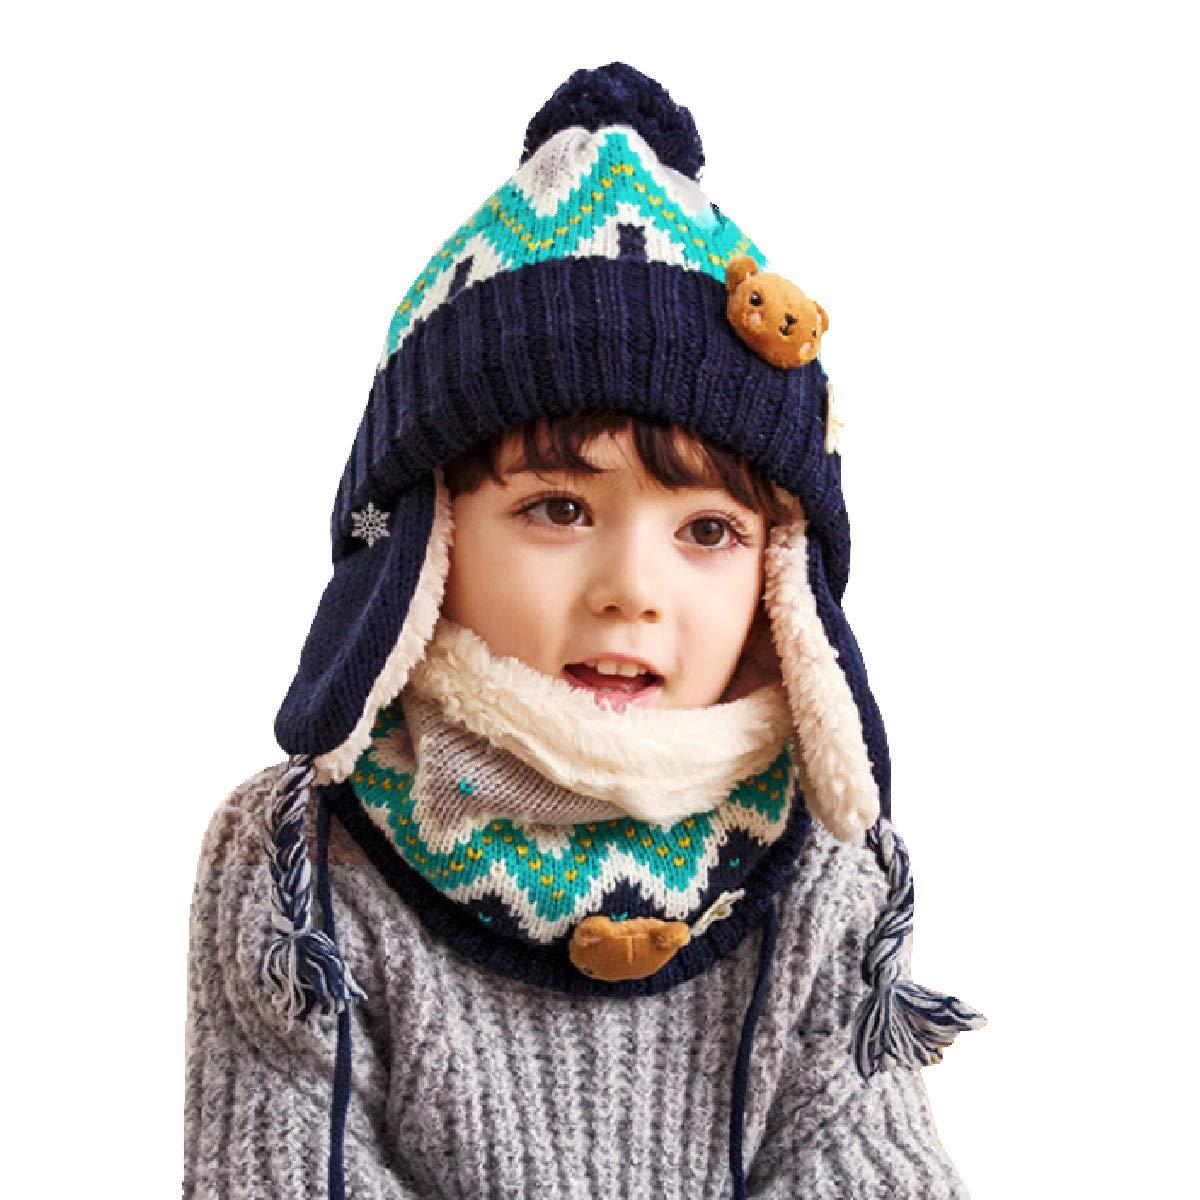 01b9b39b1 Knitted Ear Flap Hat Pattern – Patterns Gallery